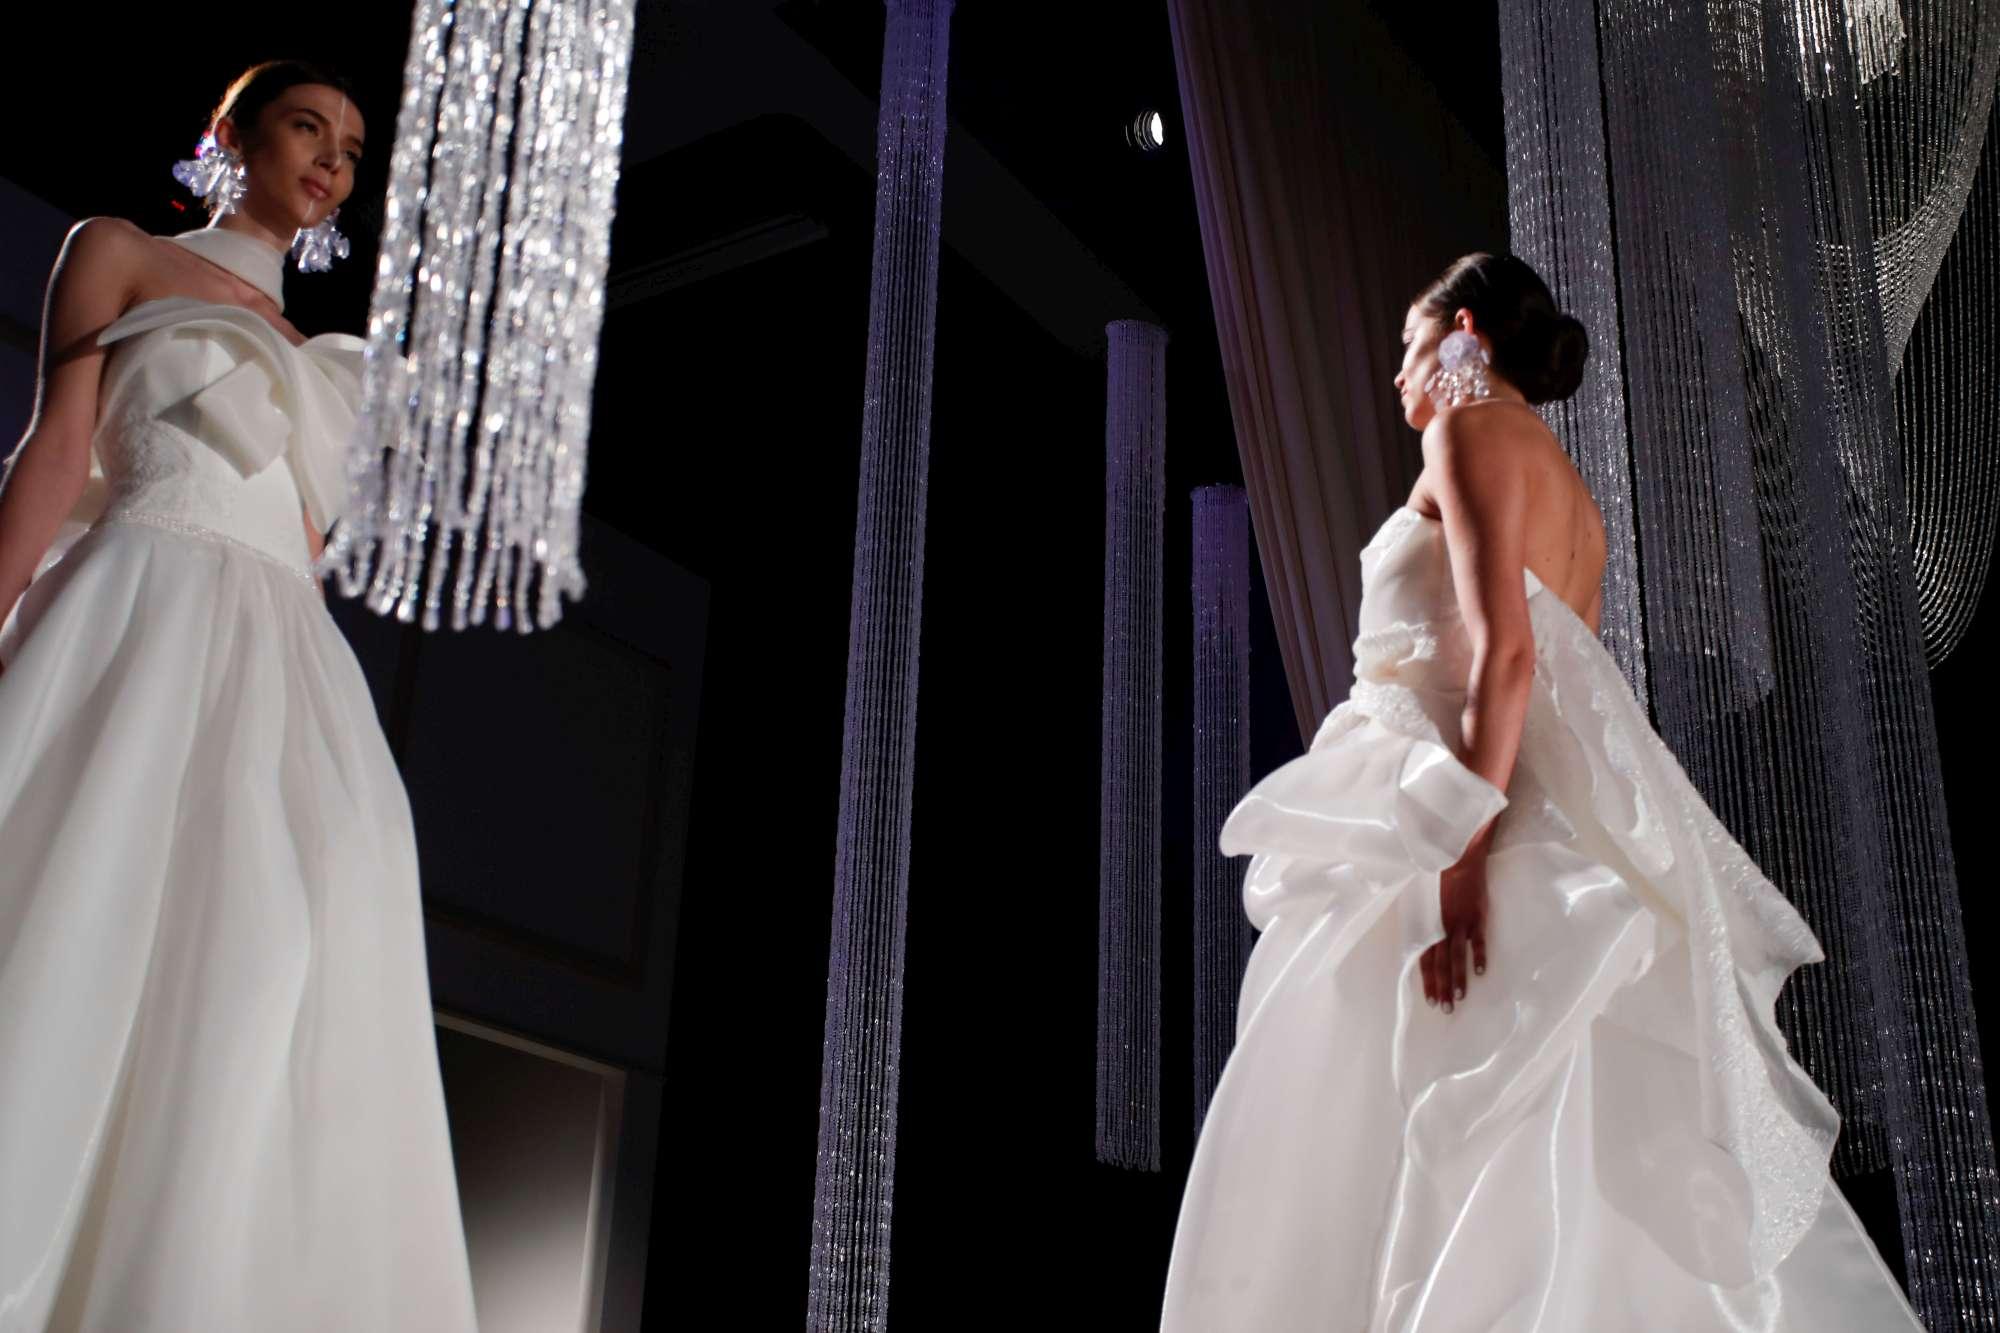 Sì Sposaitalia collezioni, la sfilata dei modelli di Elisabetta Polignano nel 2017